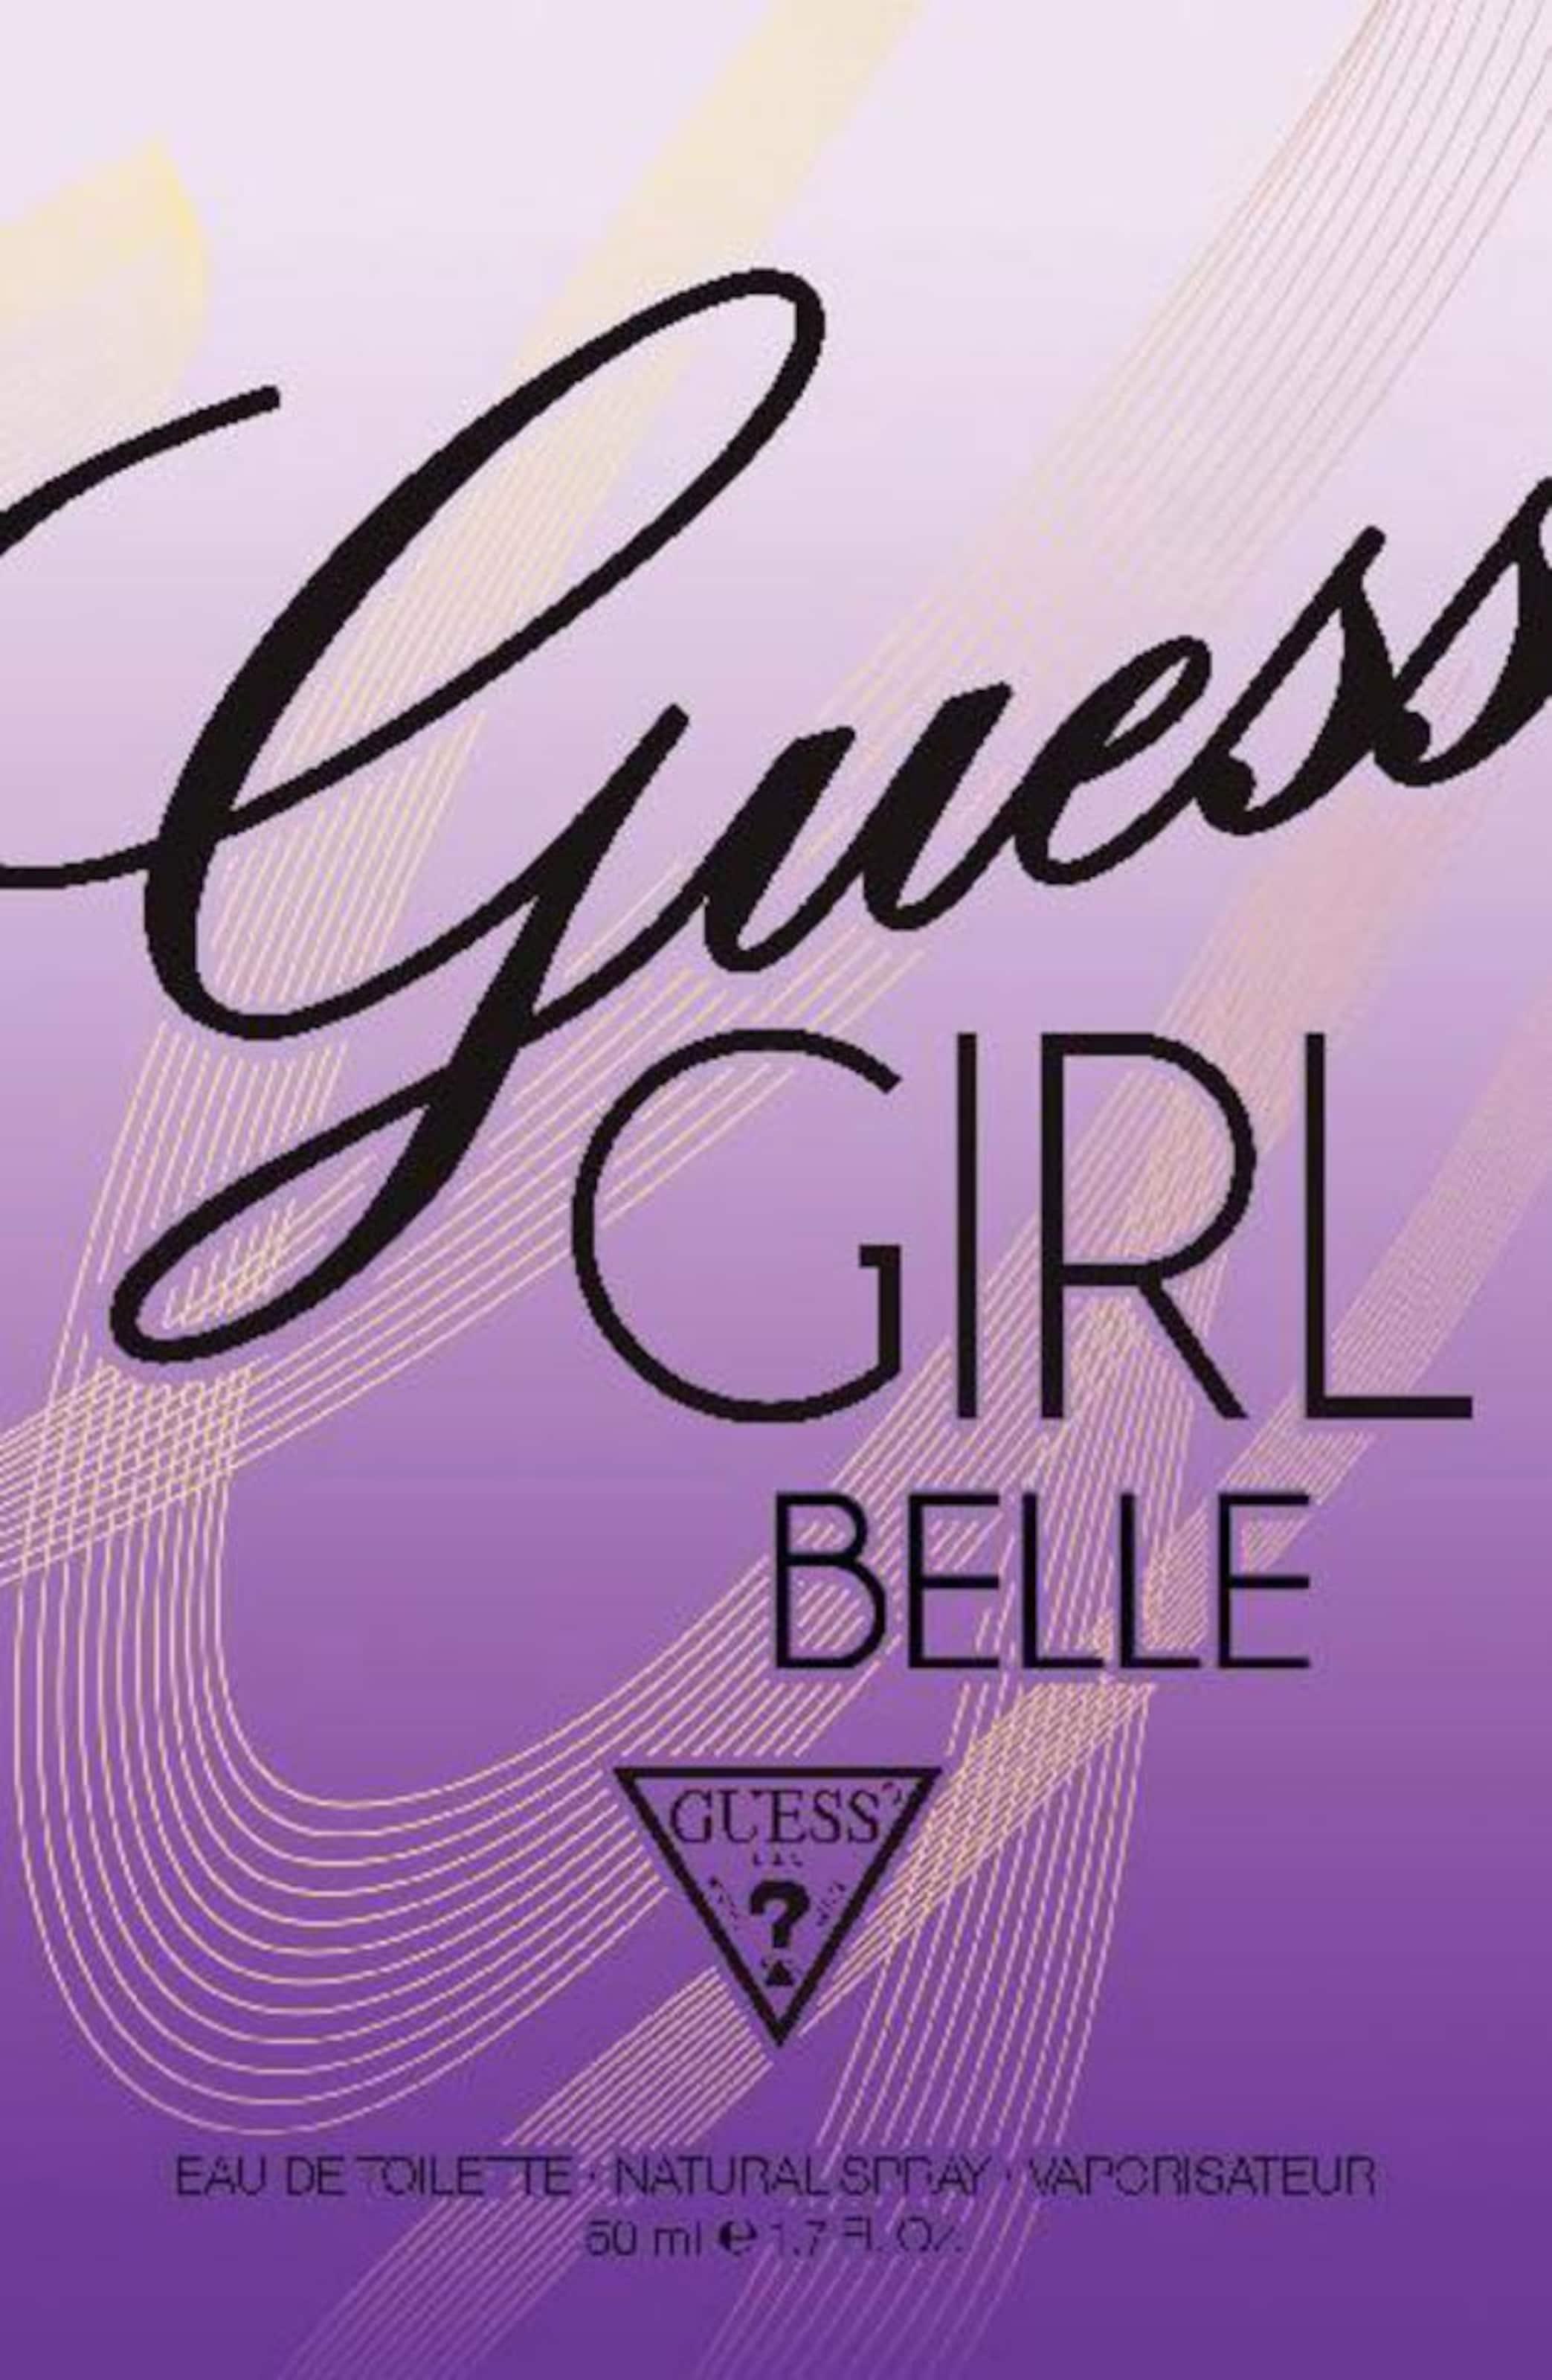 Große Diskont Verkauf Online Freies Verschiffen Große Überraschung GUESS 'Girl Belle' Eau de Toilette Zum Verkauf Günstigen Preis Ebay Günstiger Preis Erschwinglich Günstig Online CrI4hkGiK